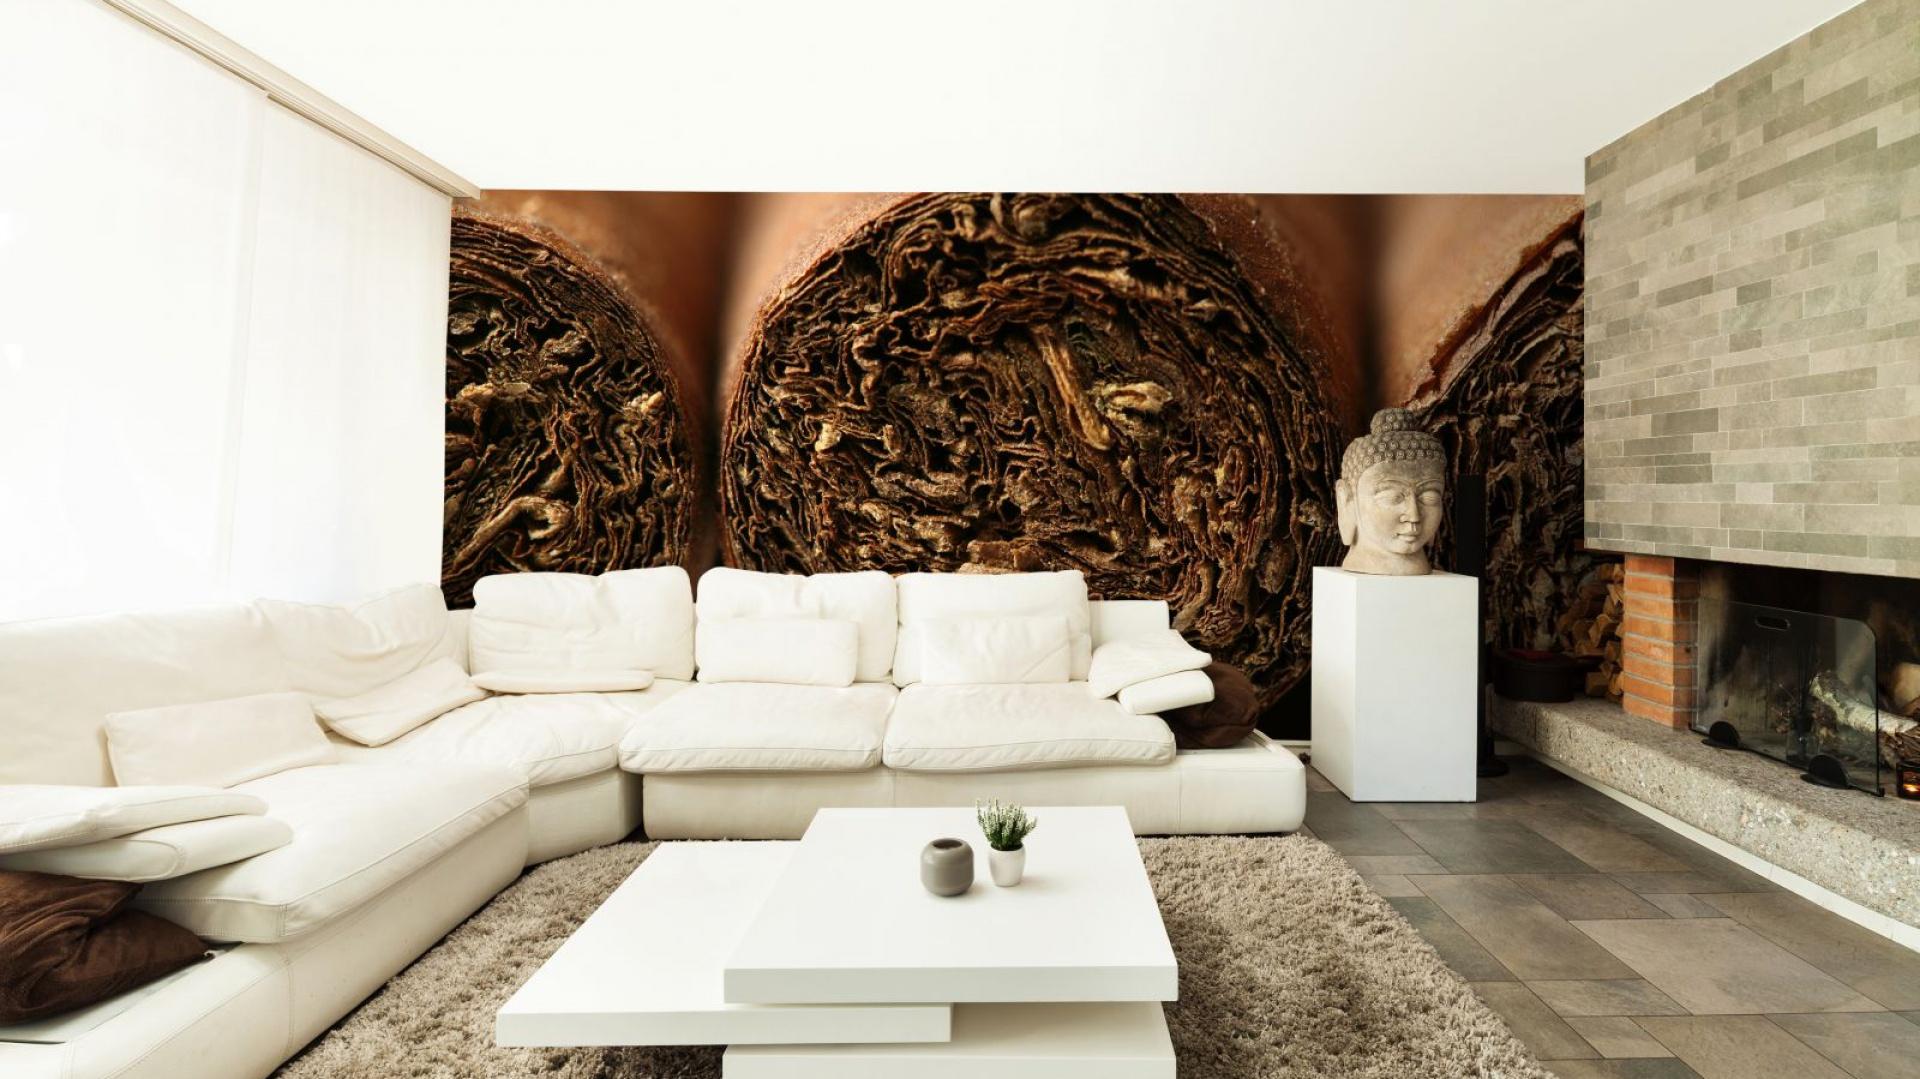 Fototapeta z cygarami marki Minka.pl nada nowoczesnemu wnętrzu cieplejszy wygląd. Propozycja może przypaść do gustu nawet przeciwnikom tytoniowej używki. Fot. Minka.